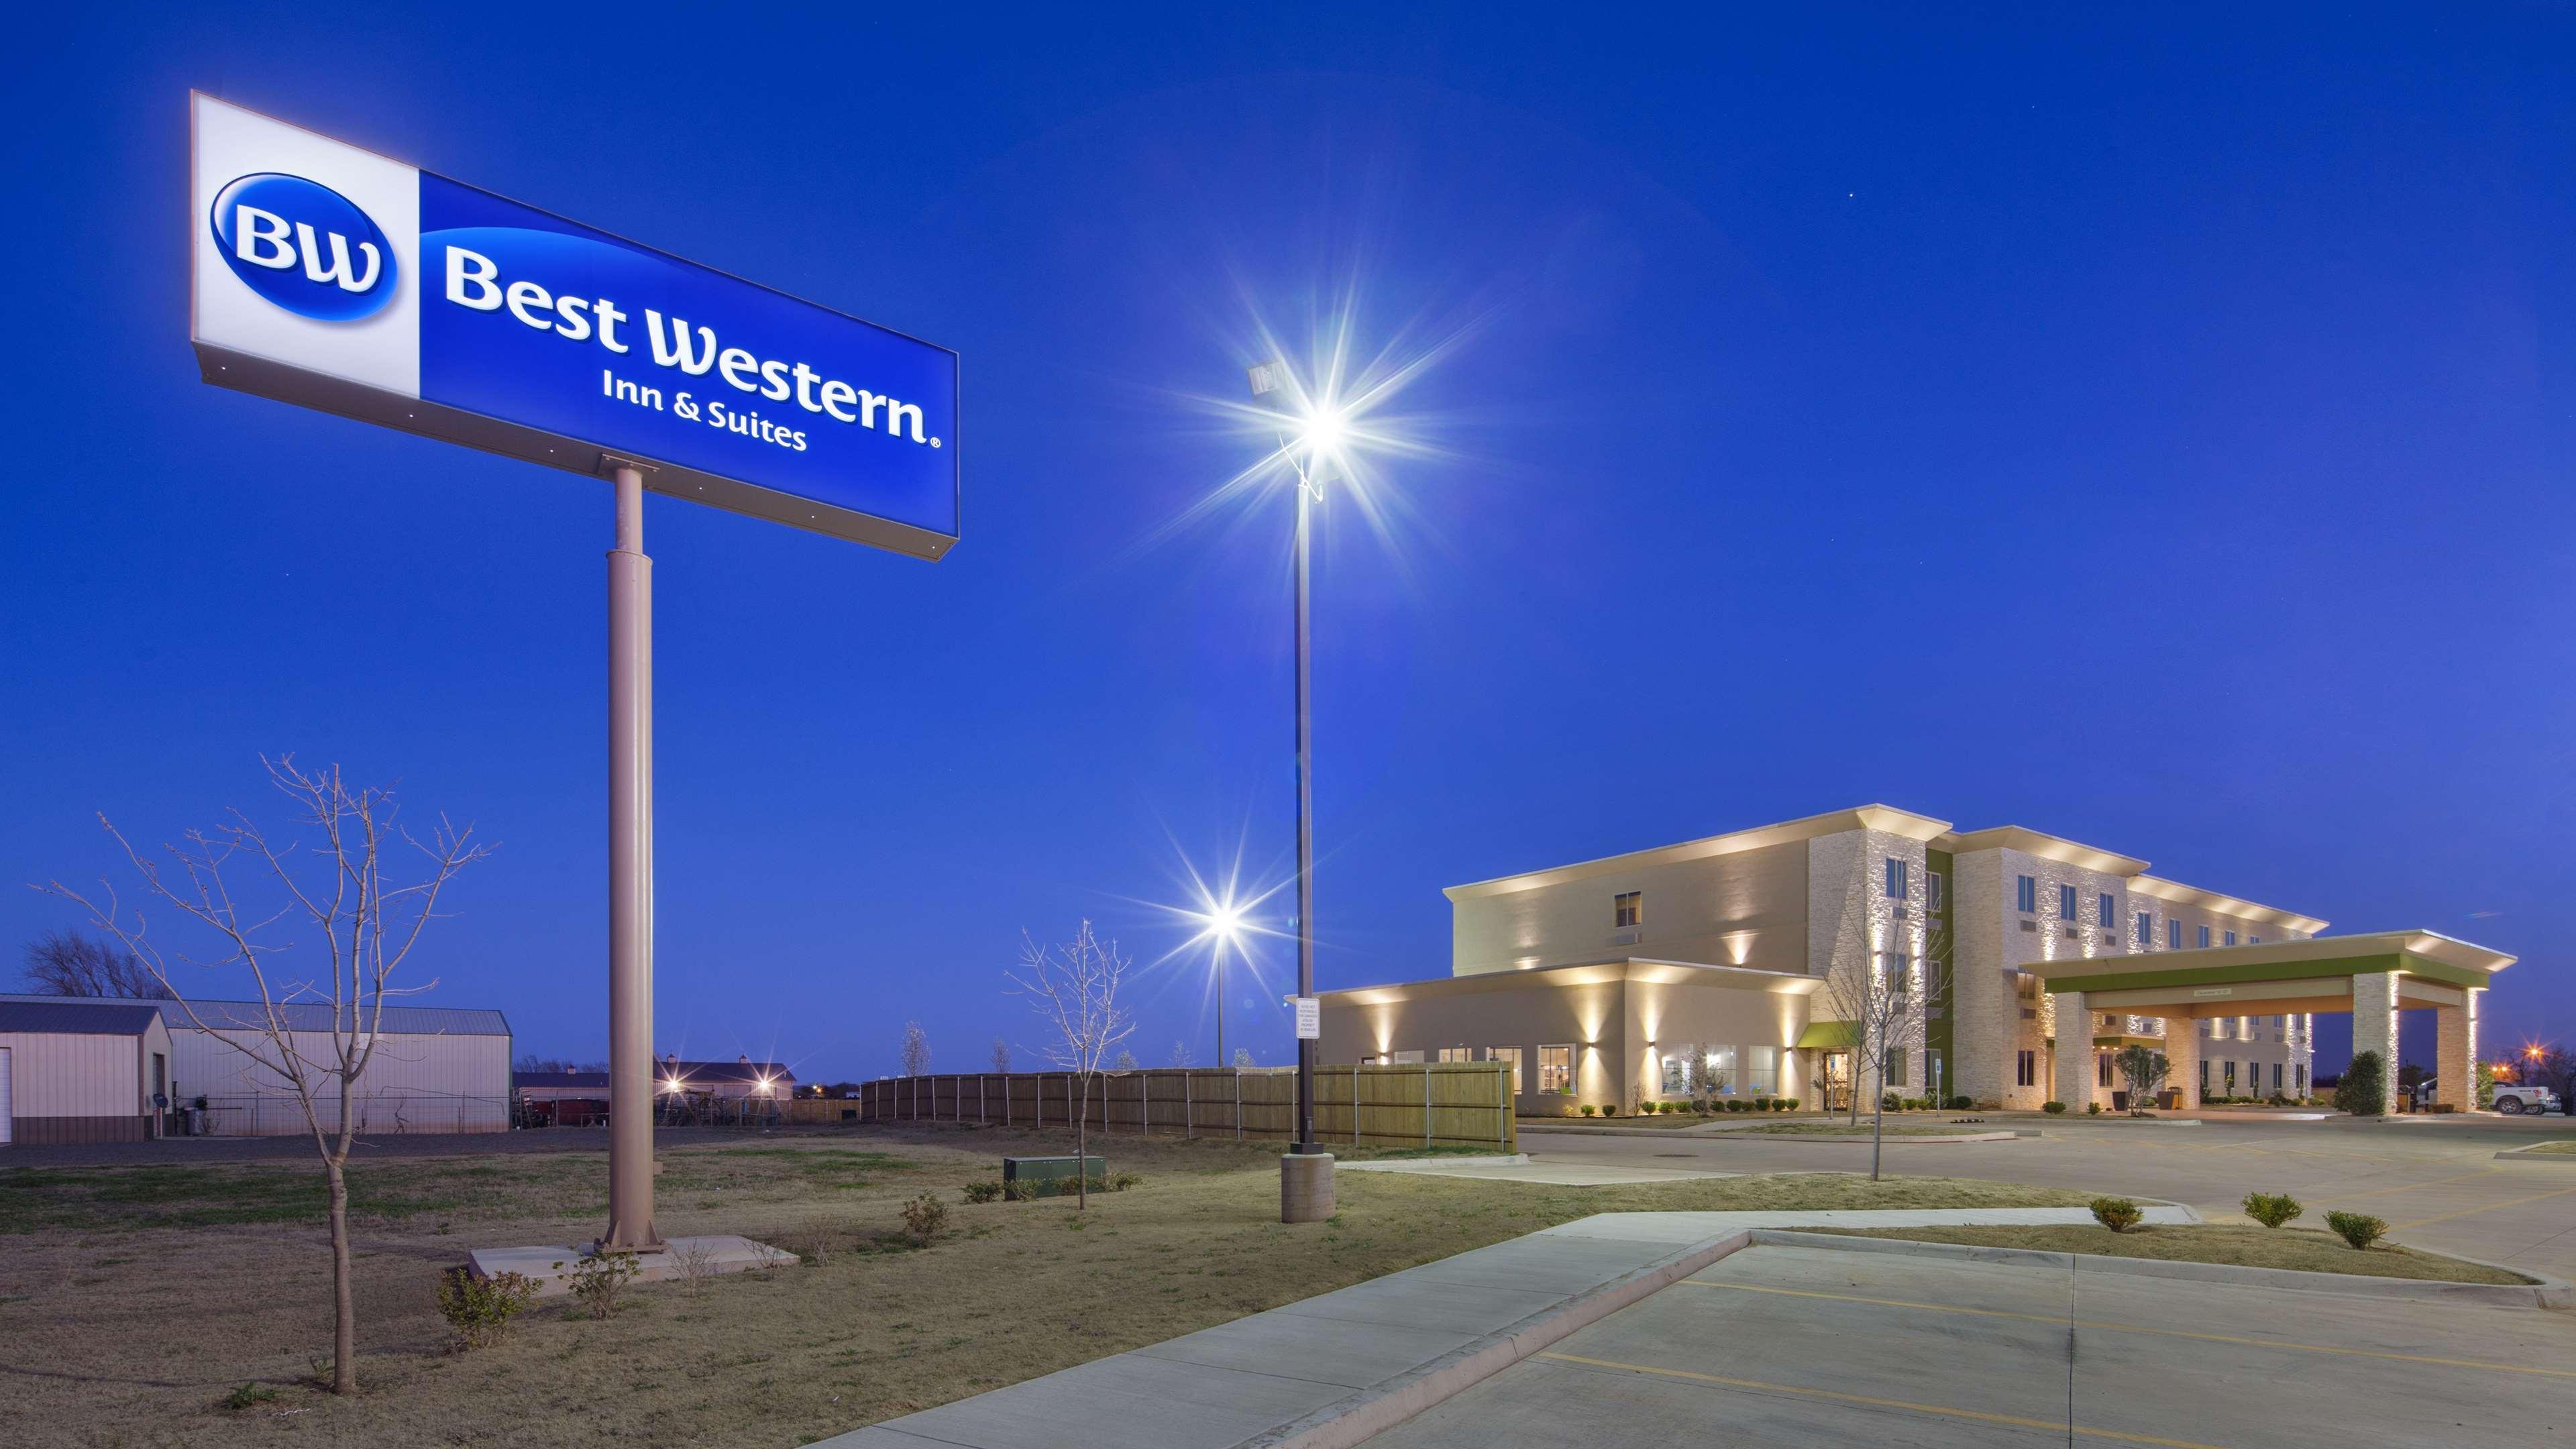 Best Western Lindsay Inn & Suites image 1